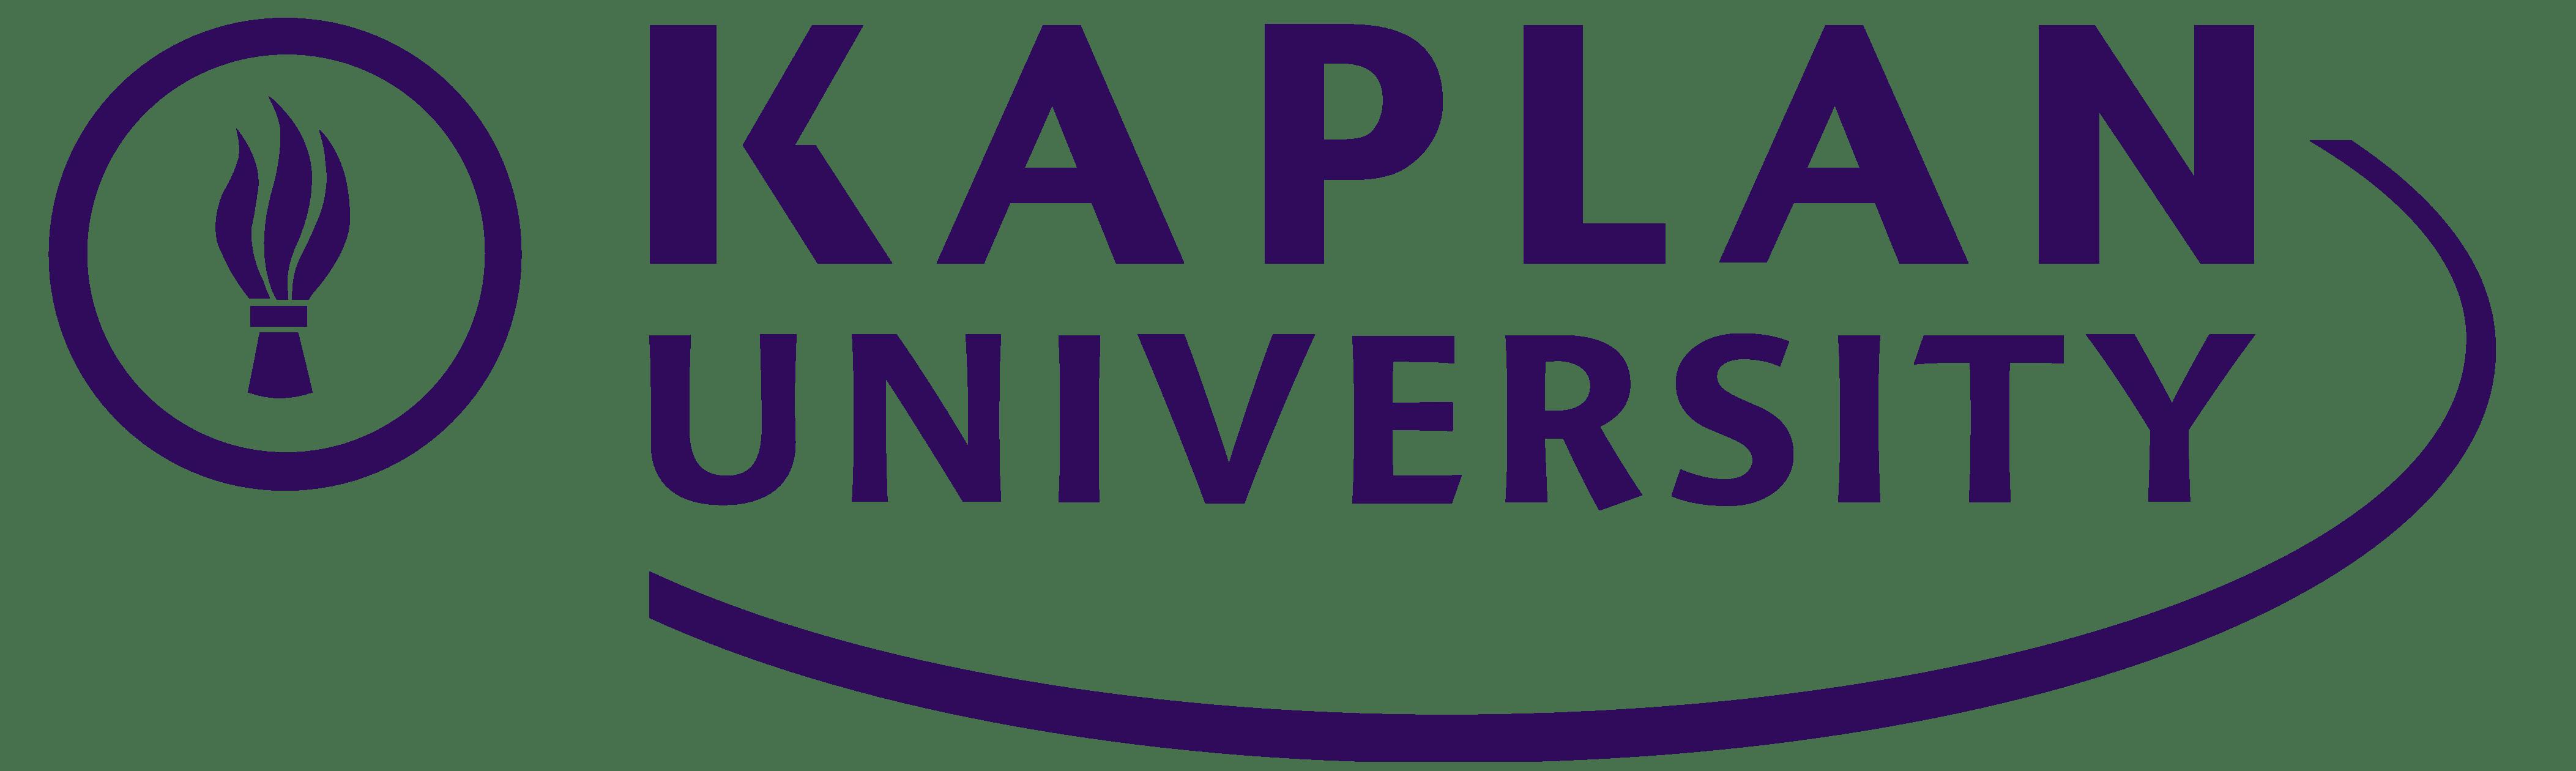 Kaplan_University_logo_logotype